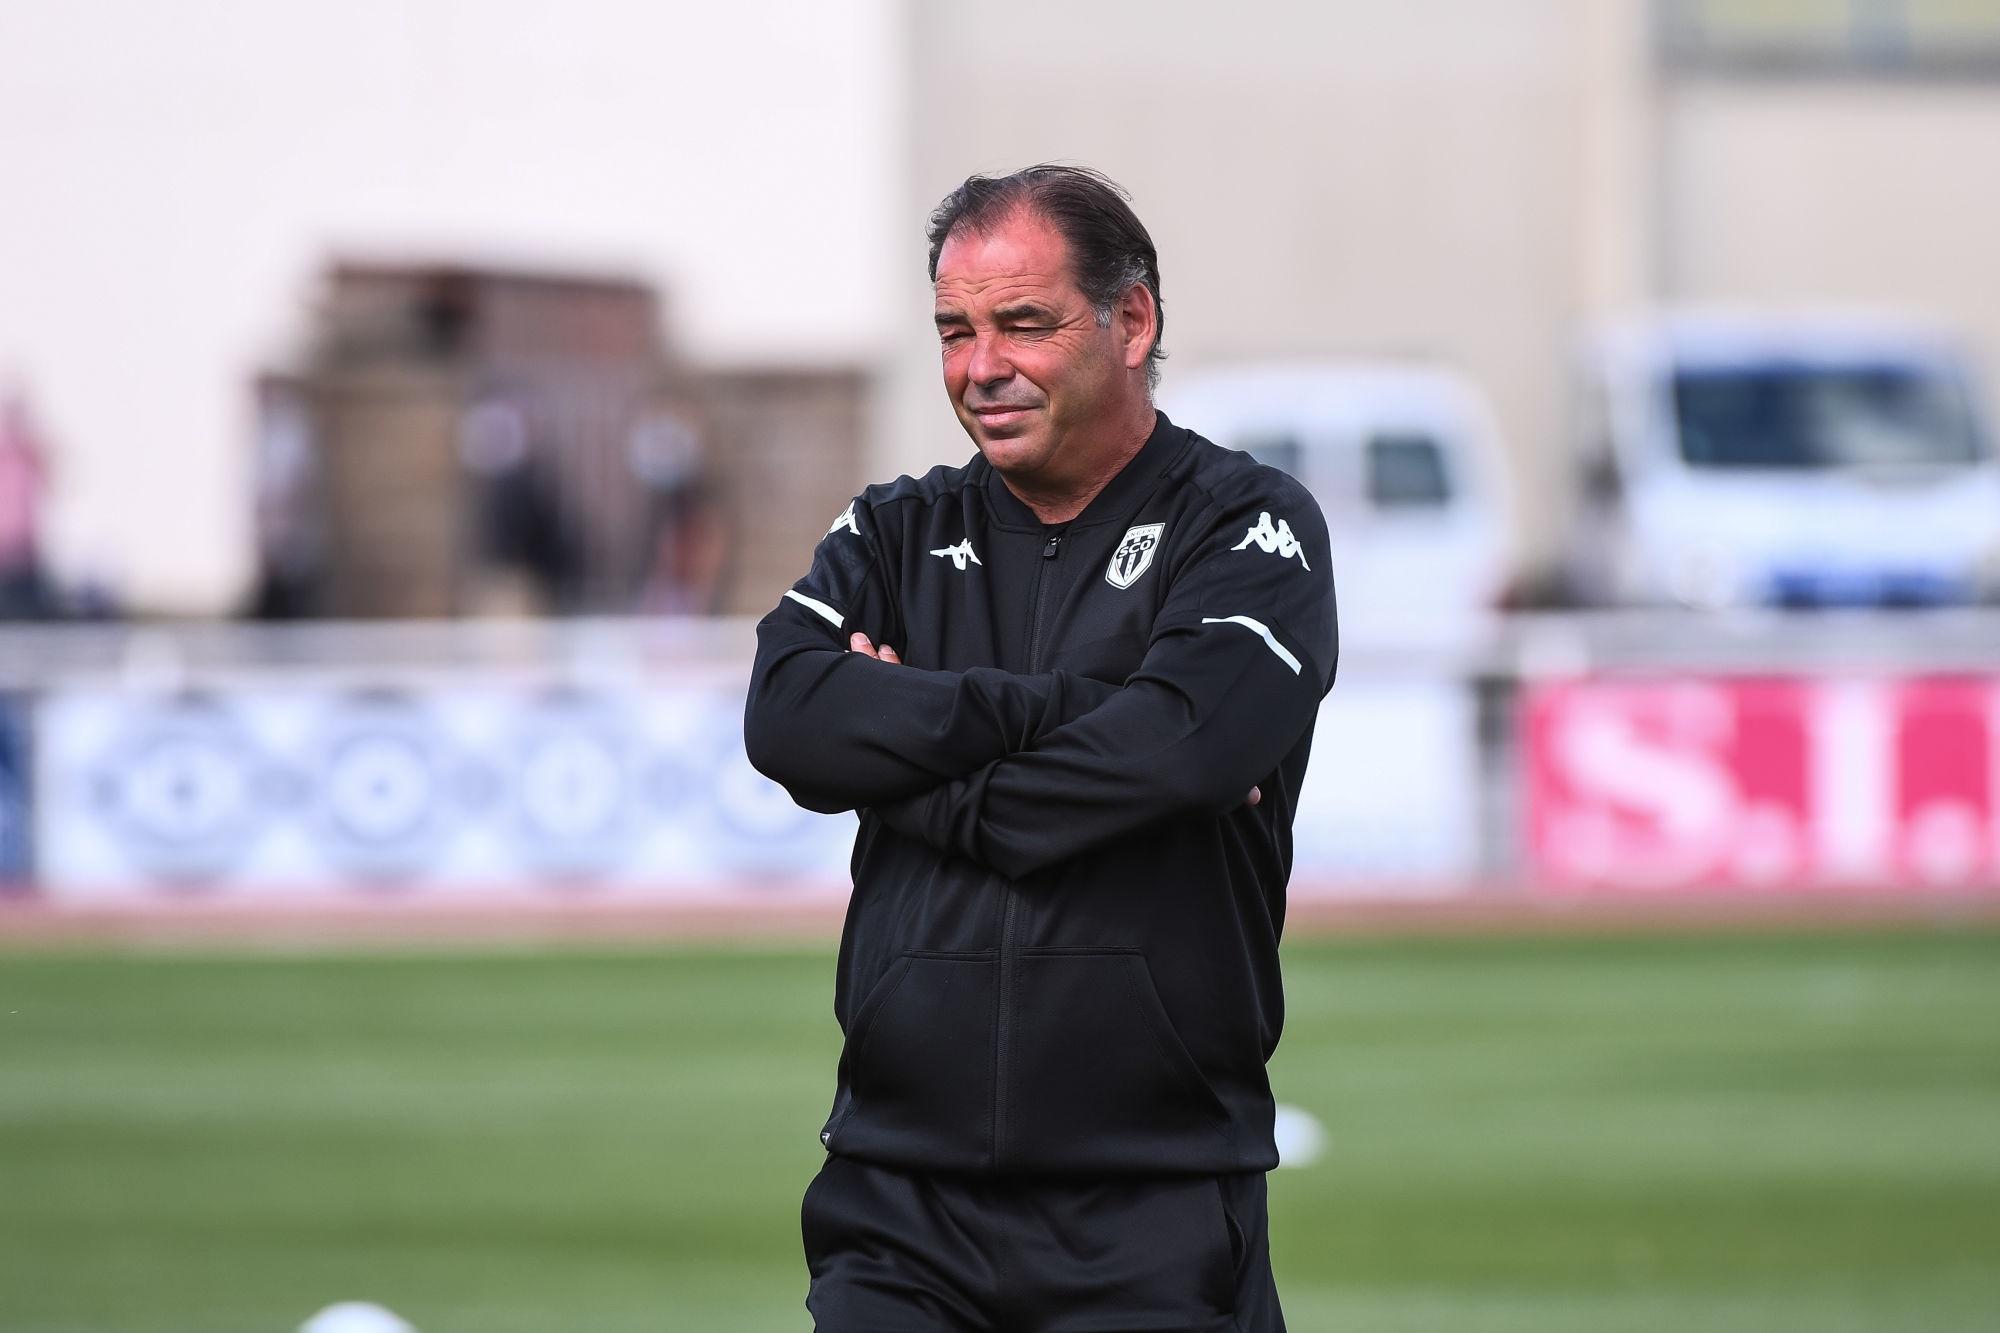 Angers/PSG - Moulin évoque les clefs du match et les changements apportés par Pochettino